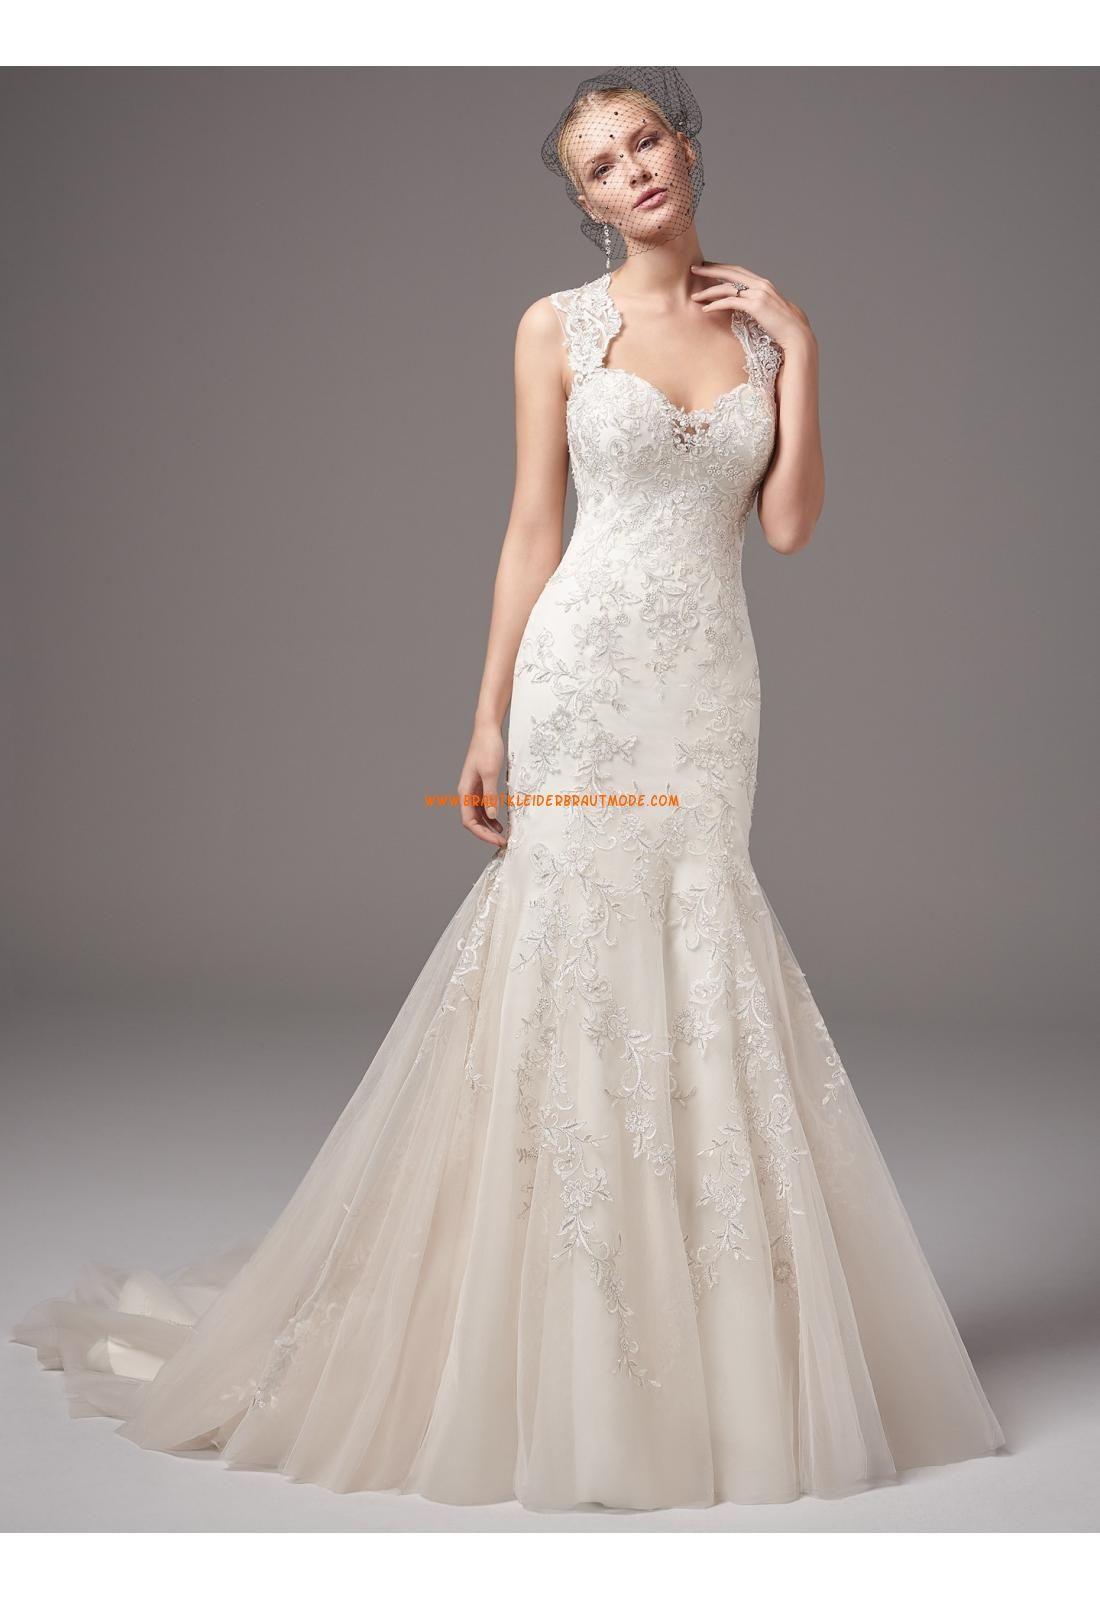 Meerjungfrau Außergewöhnliche Extravagante Brautkleider aus Tüll mit ...